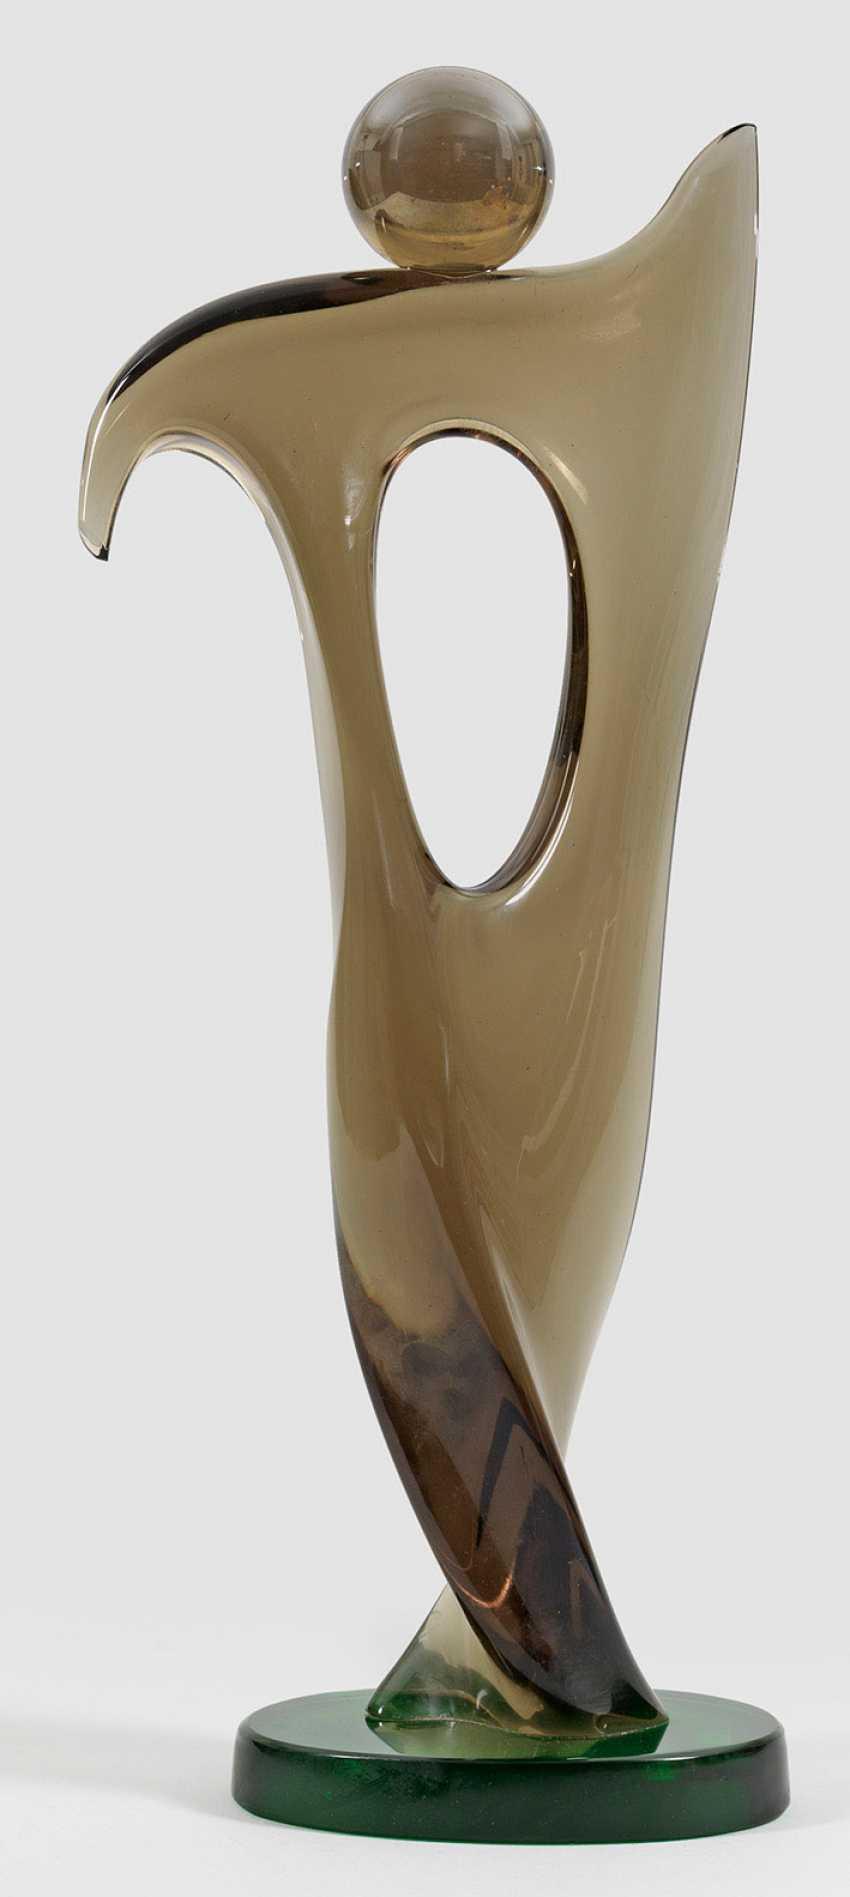 Modern glass sculpture of Signoritto Pino - photo 1